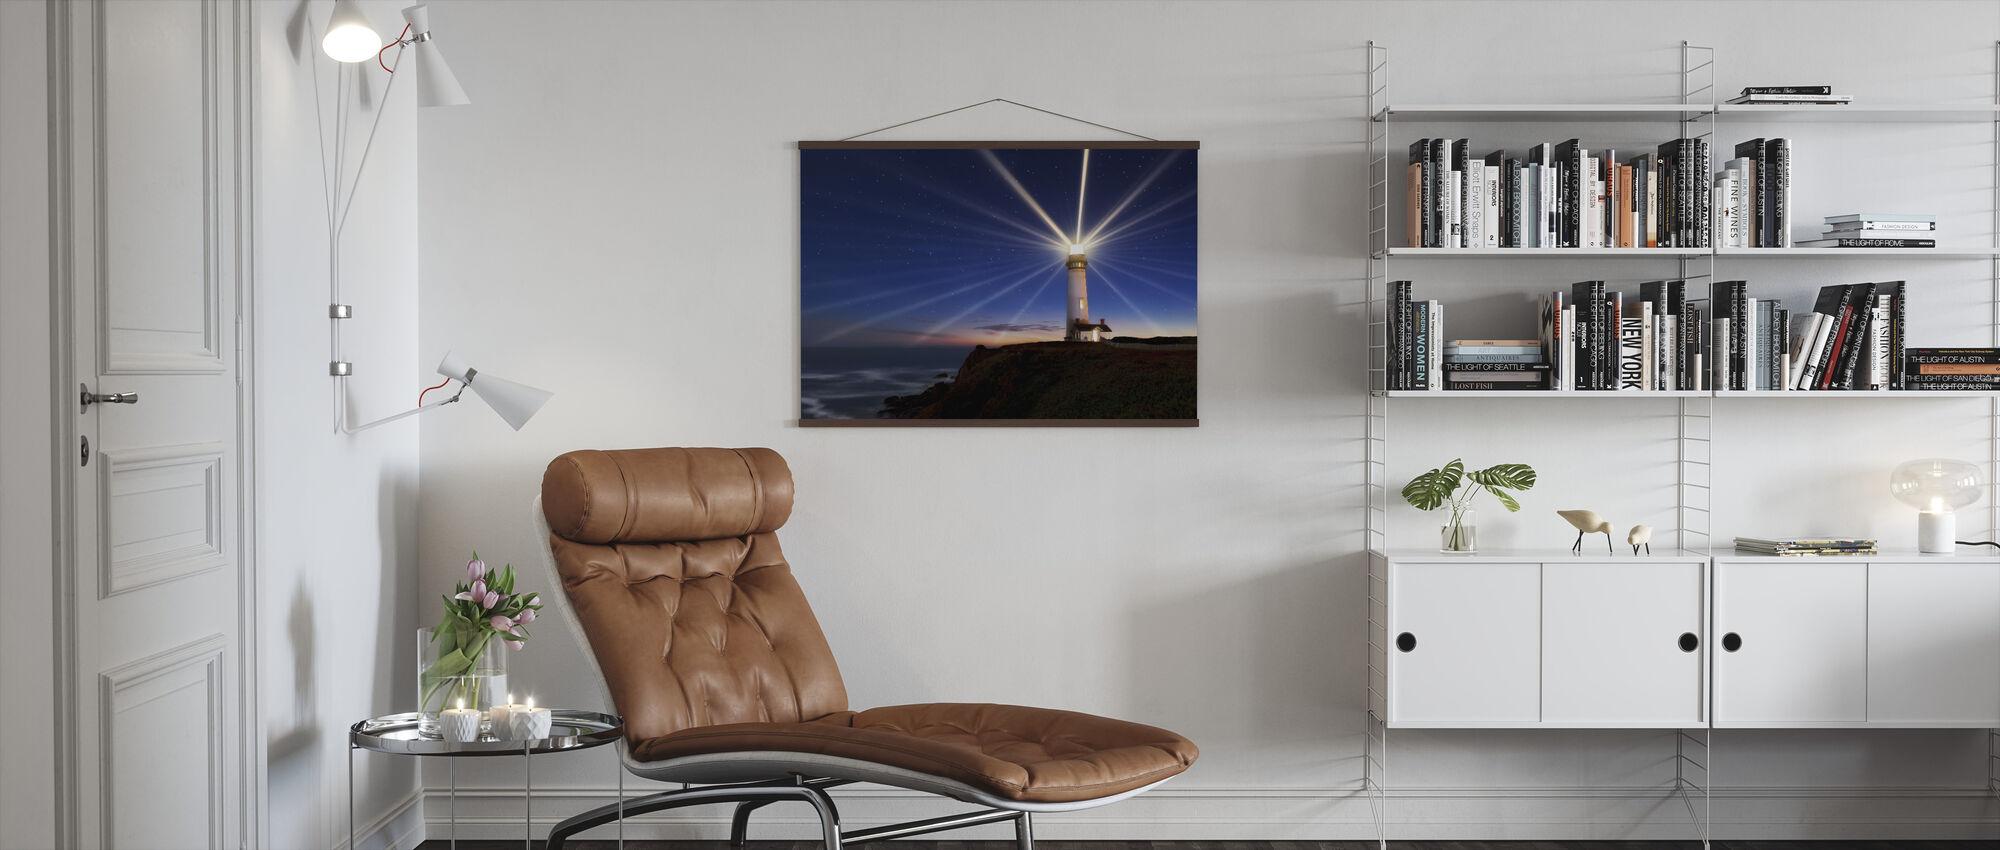 Lighting of the Lens - Poster - Living Room